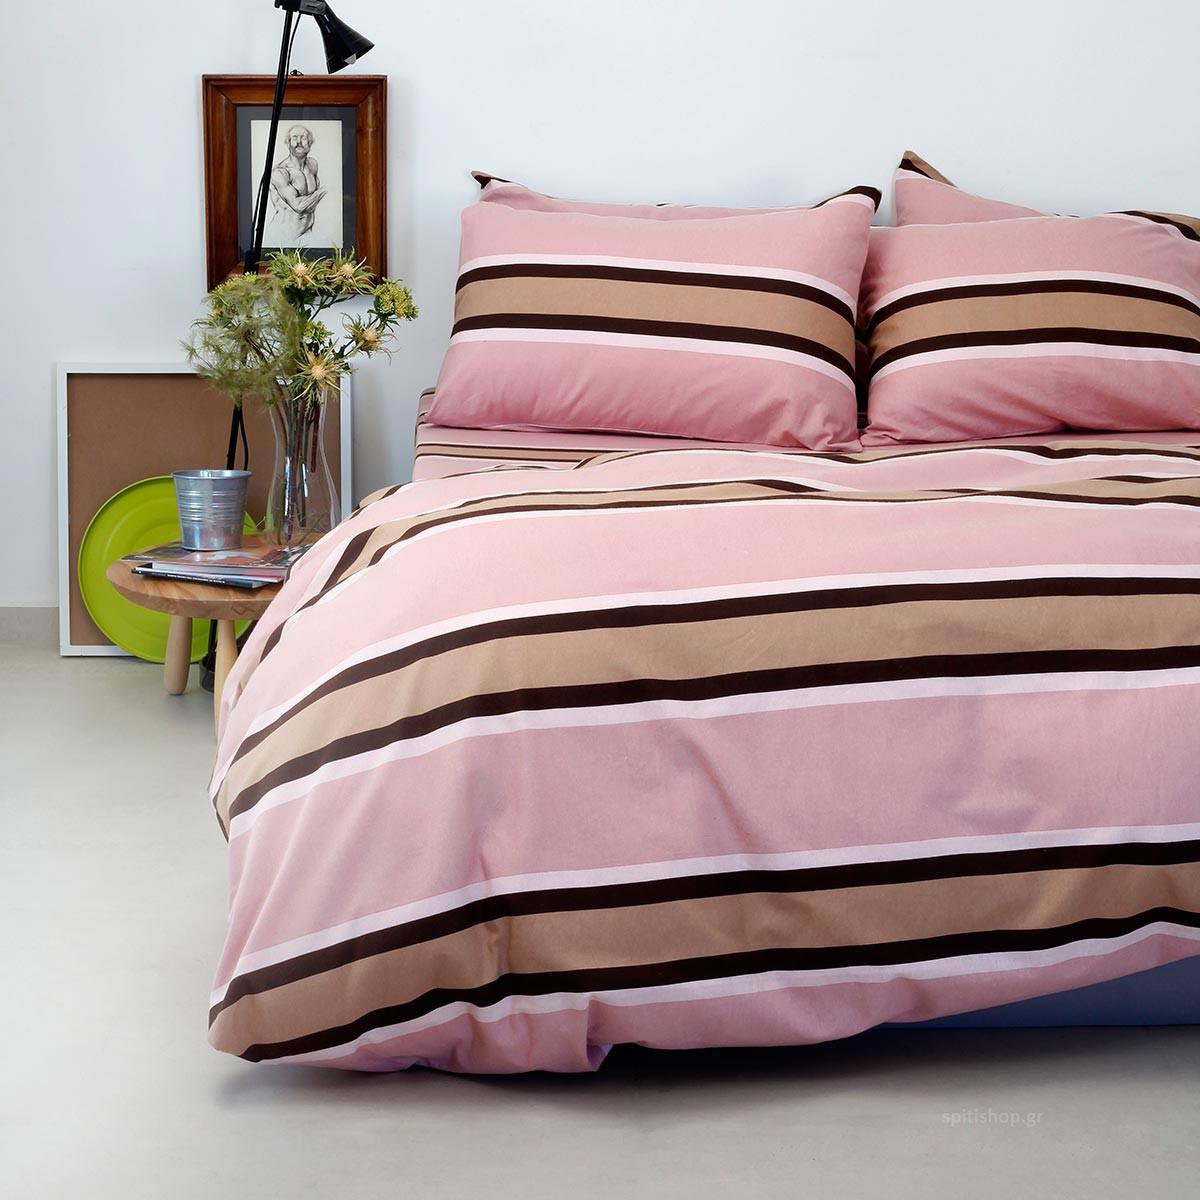 Φανελένια Σεντόνια King Size (Σετ) Melinen Stripe Rose ΧΩΡΙΣ ΛΑΣΤΙΧΟ 260×270 ΧΩΡΙΣ ΛΑΣΤΙΧΟ 260×270